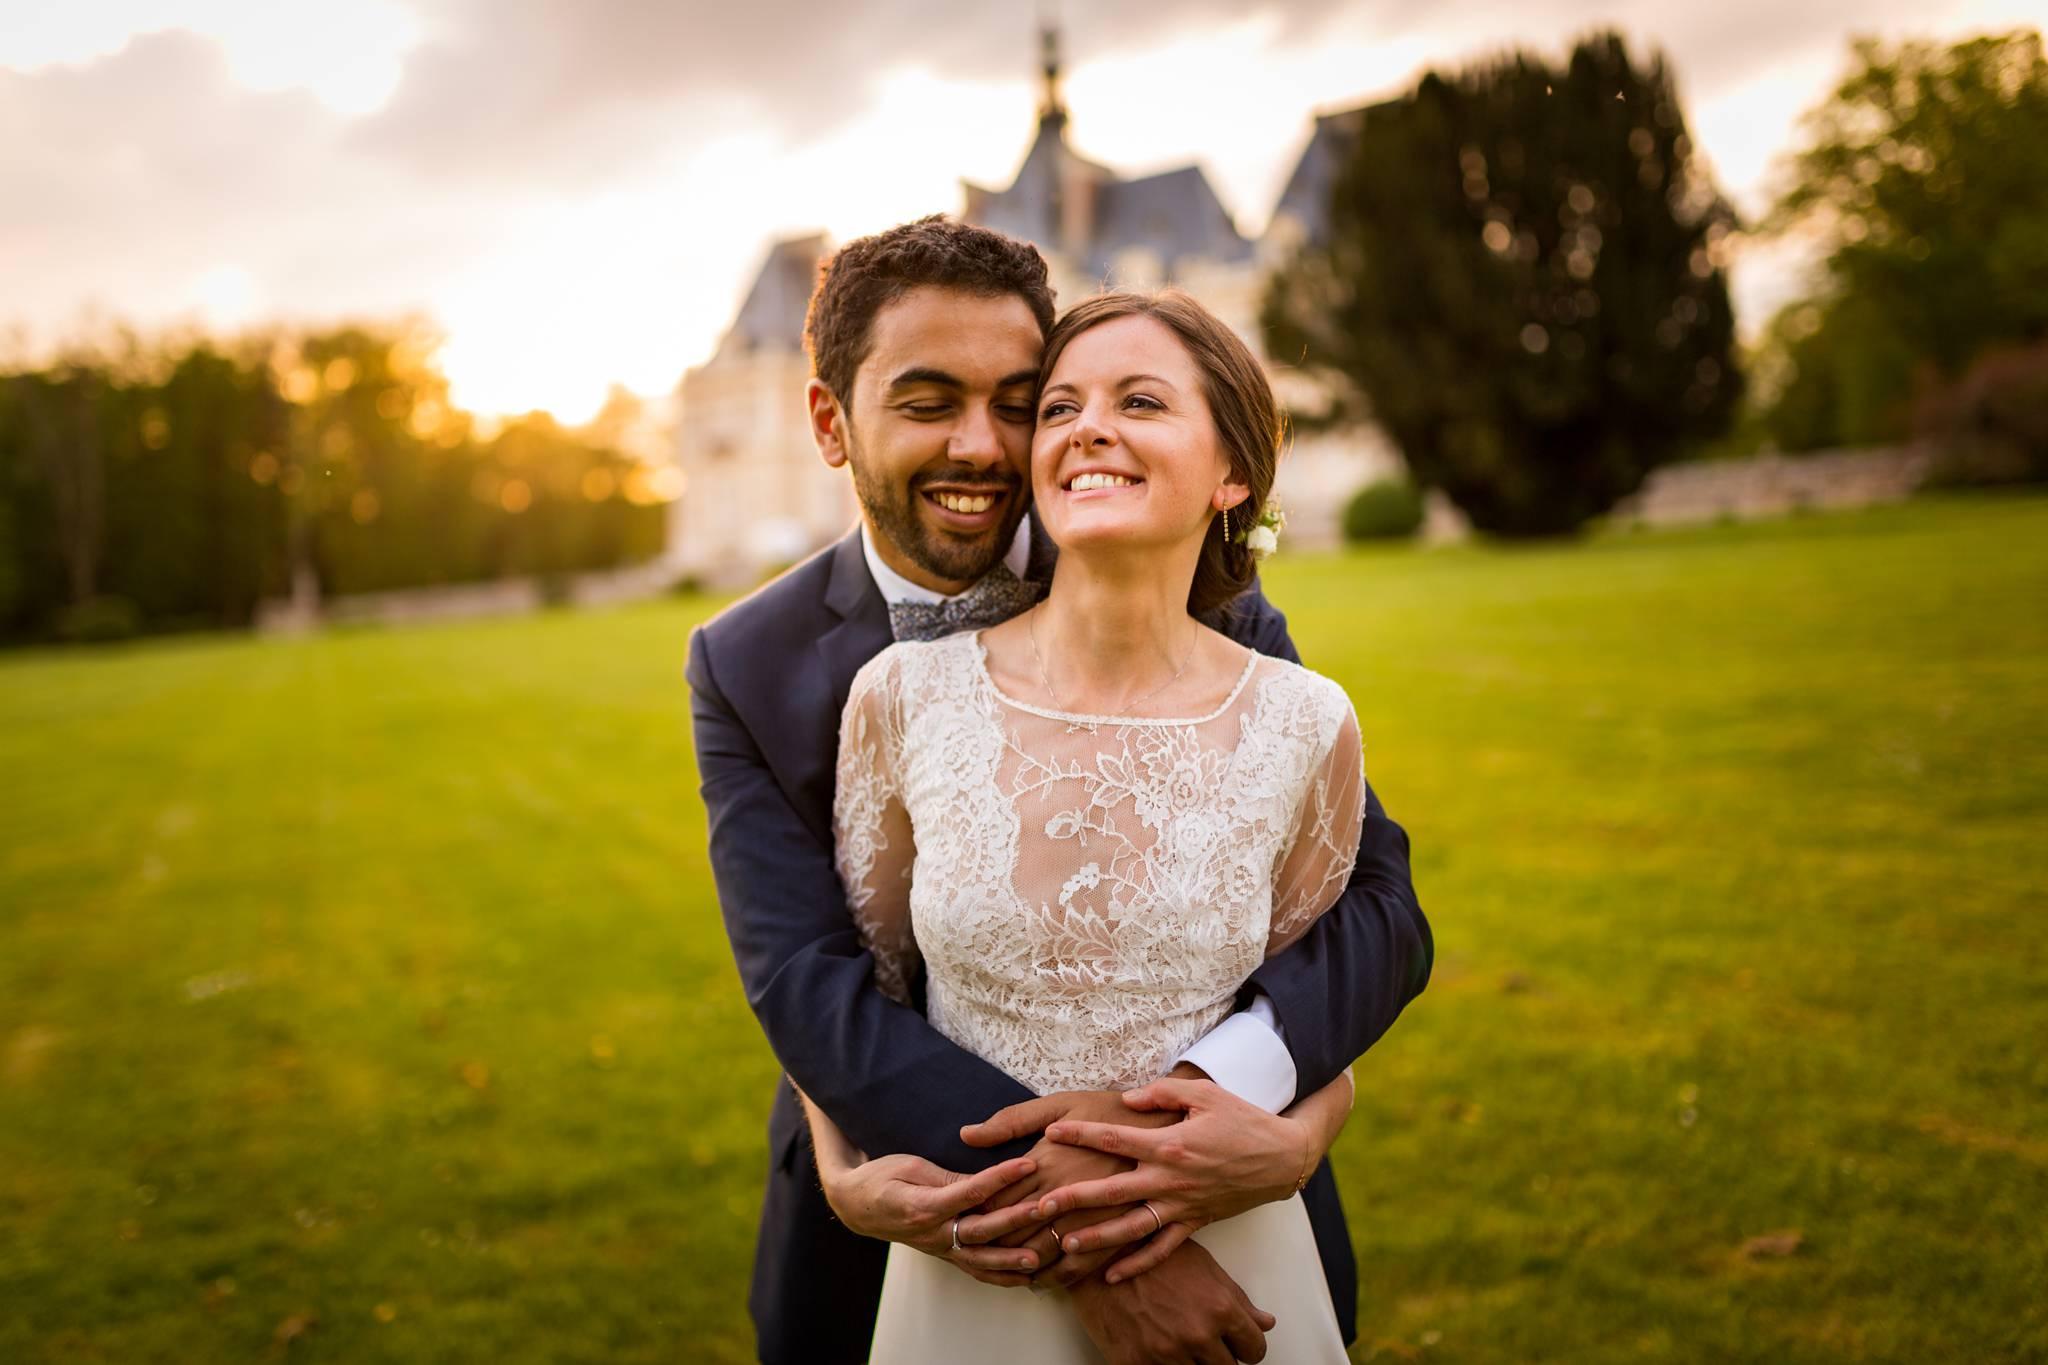 Le reportage photos du mariage de Claudia et Reda au Chateau de Baronville et à l'Eglise de Gallardon, entre France et Maroc. Alexandre Roschewitz, photographe mariage Château de Baronville.